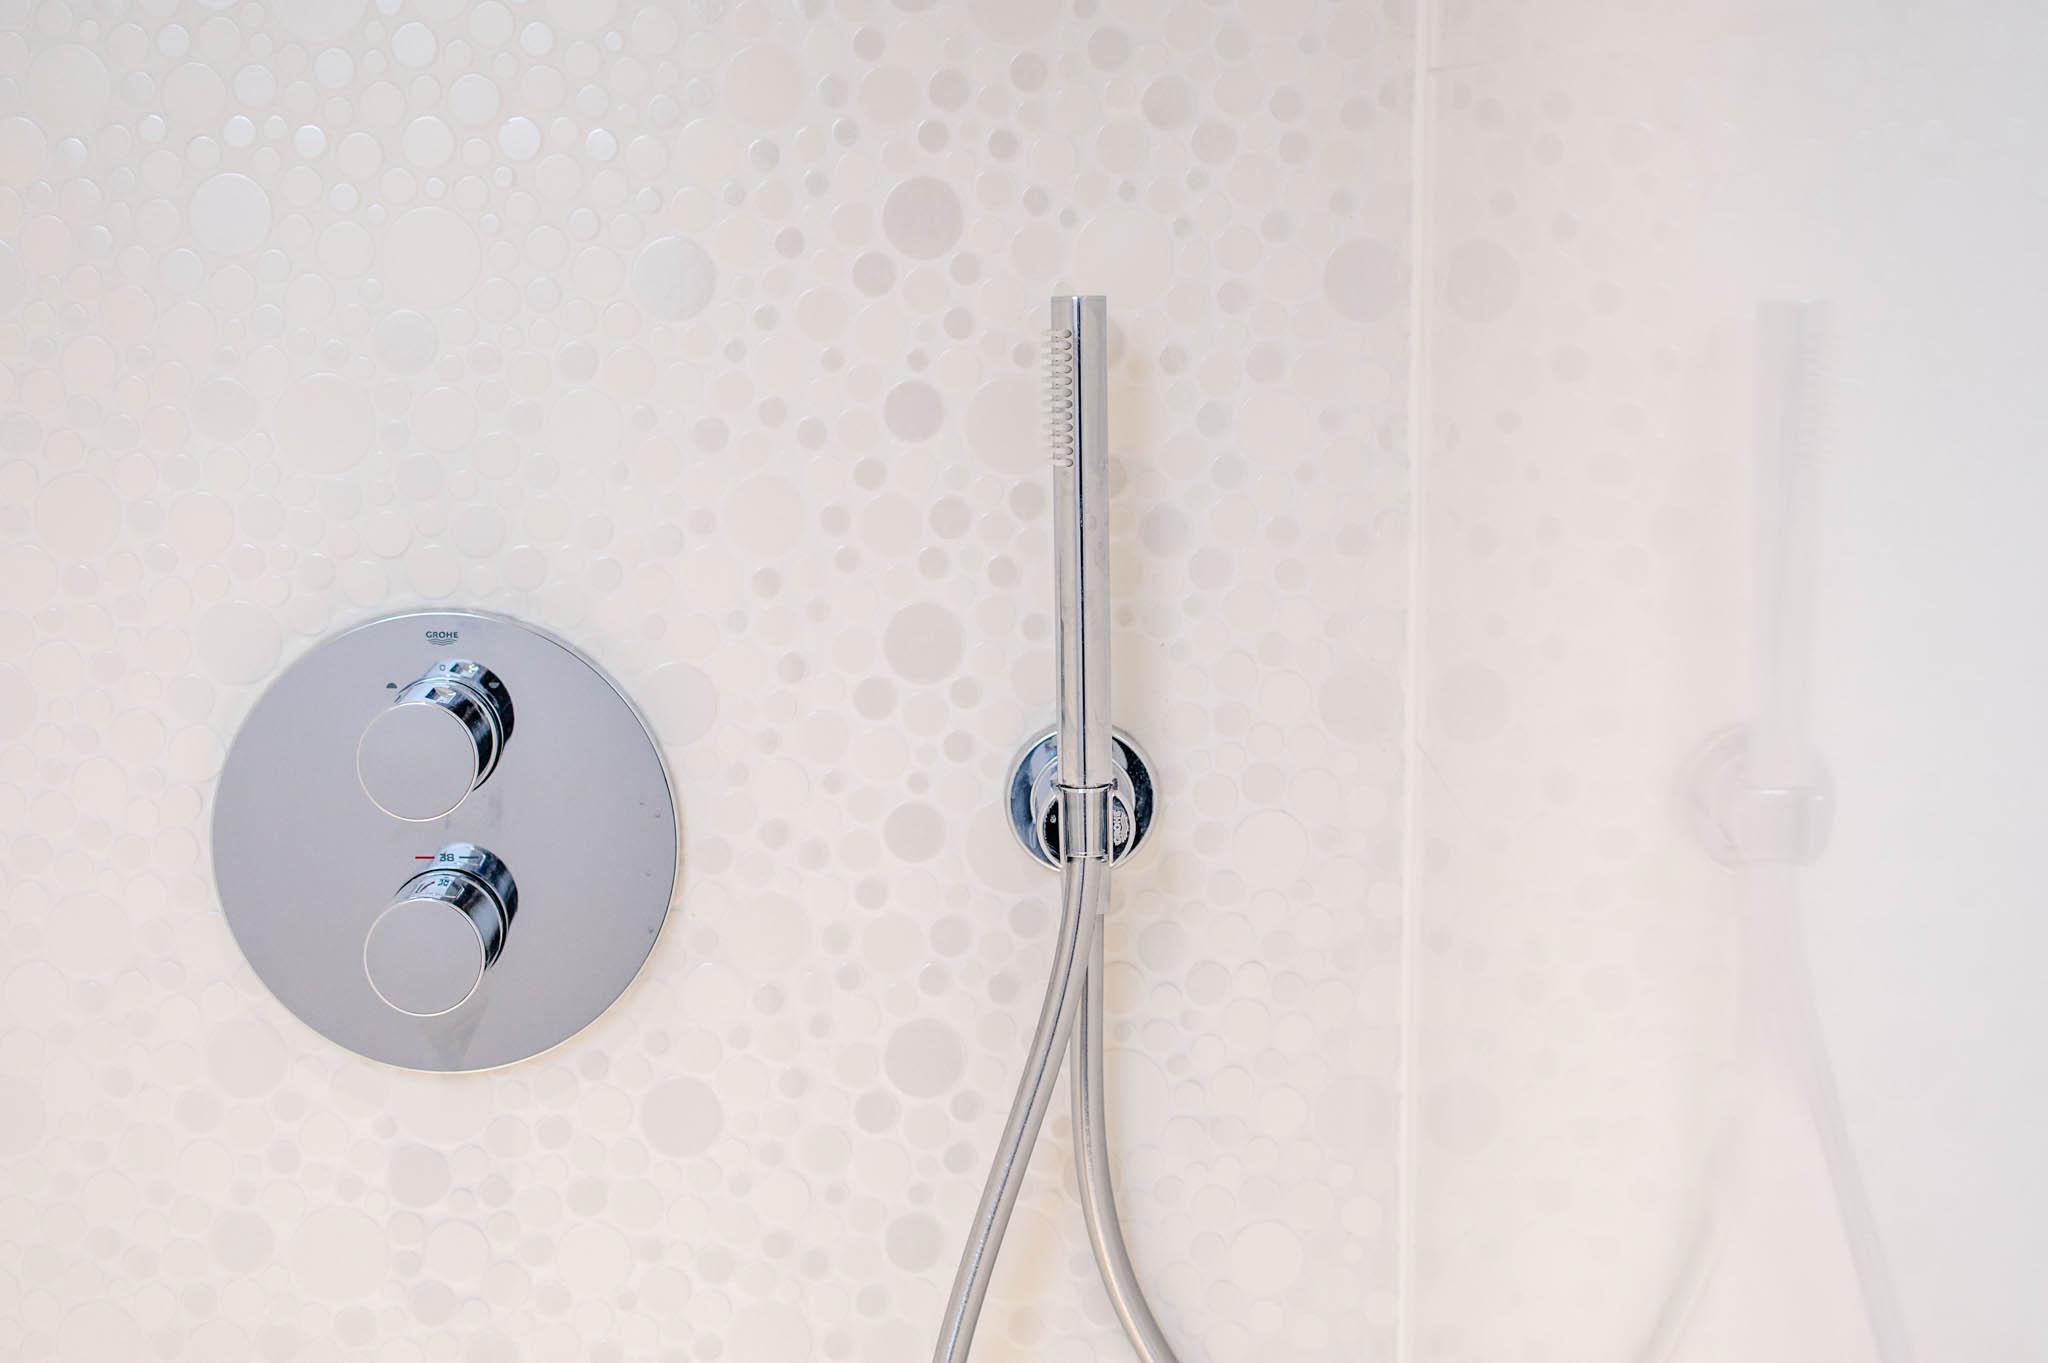 Salle-de-bain - robinetterie